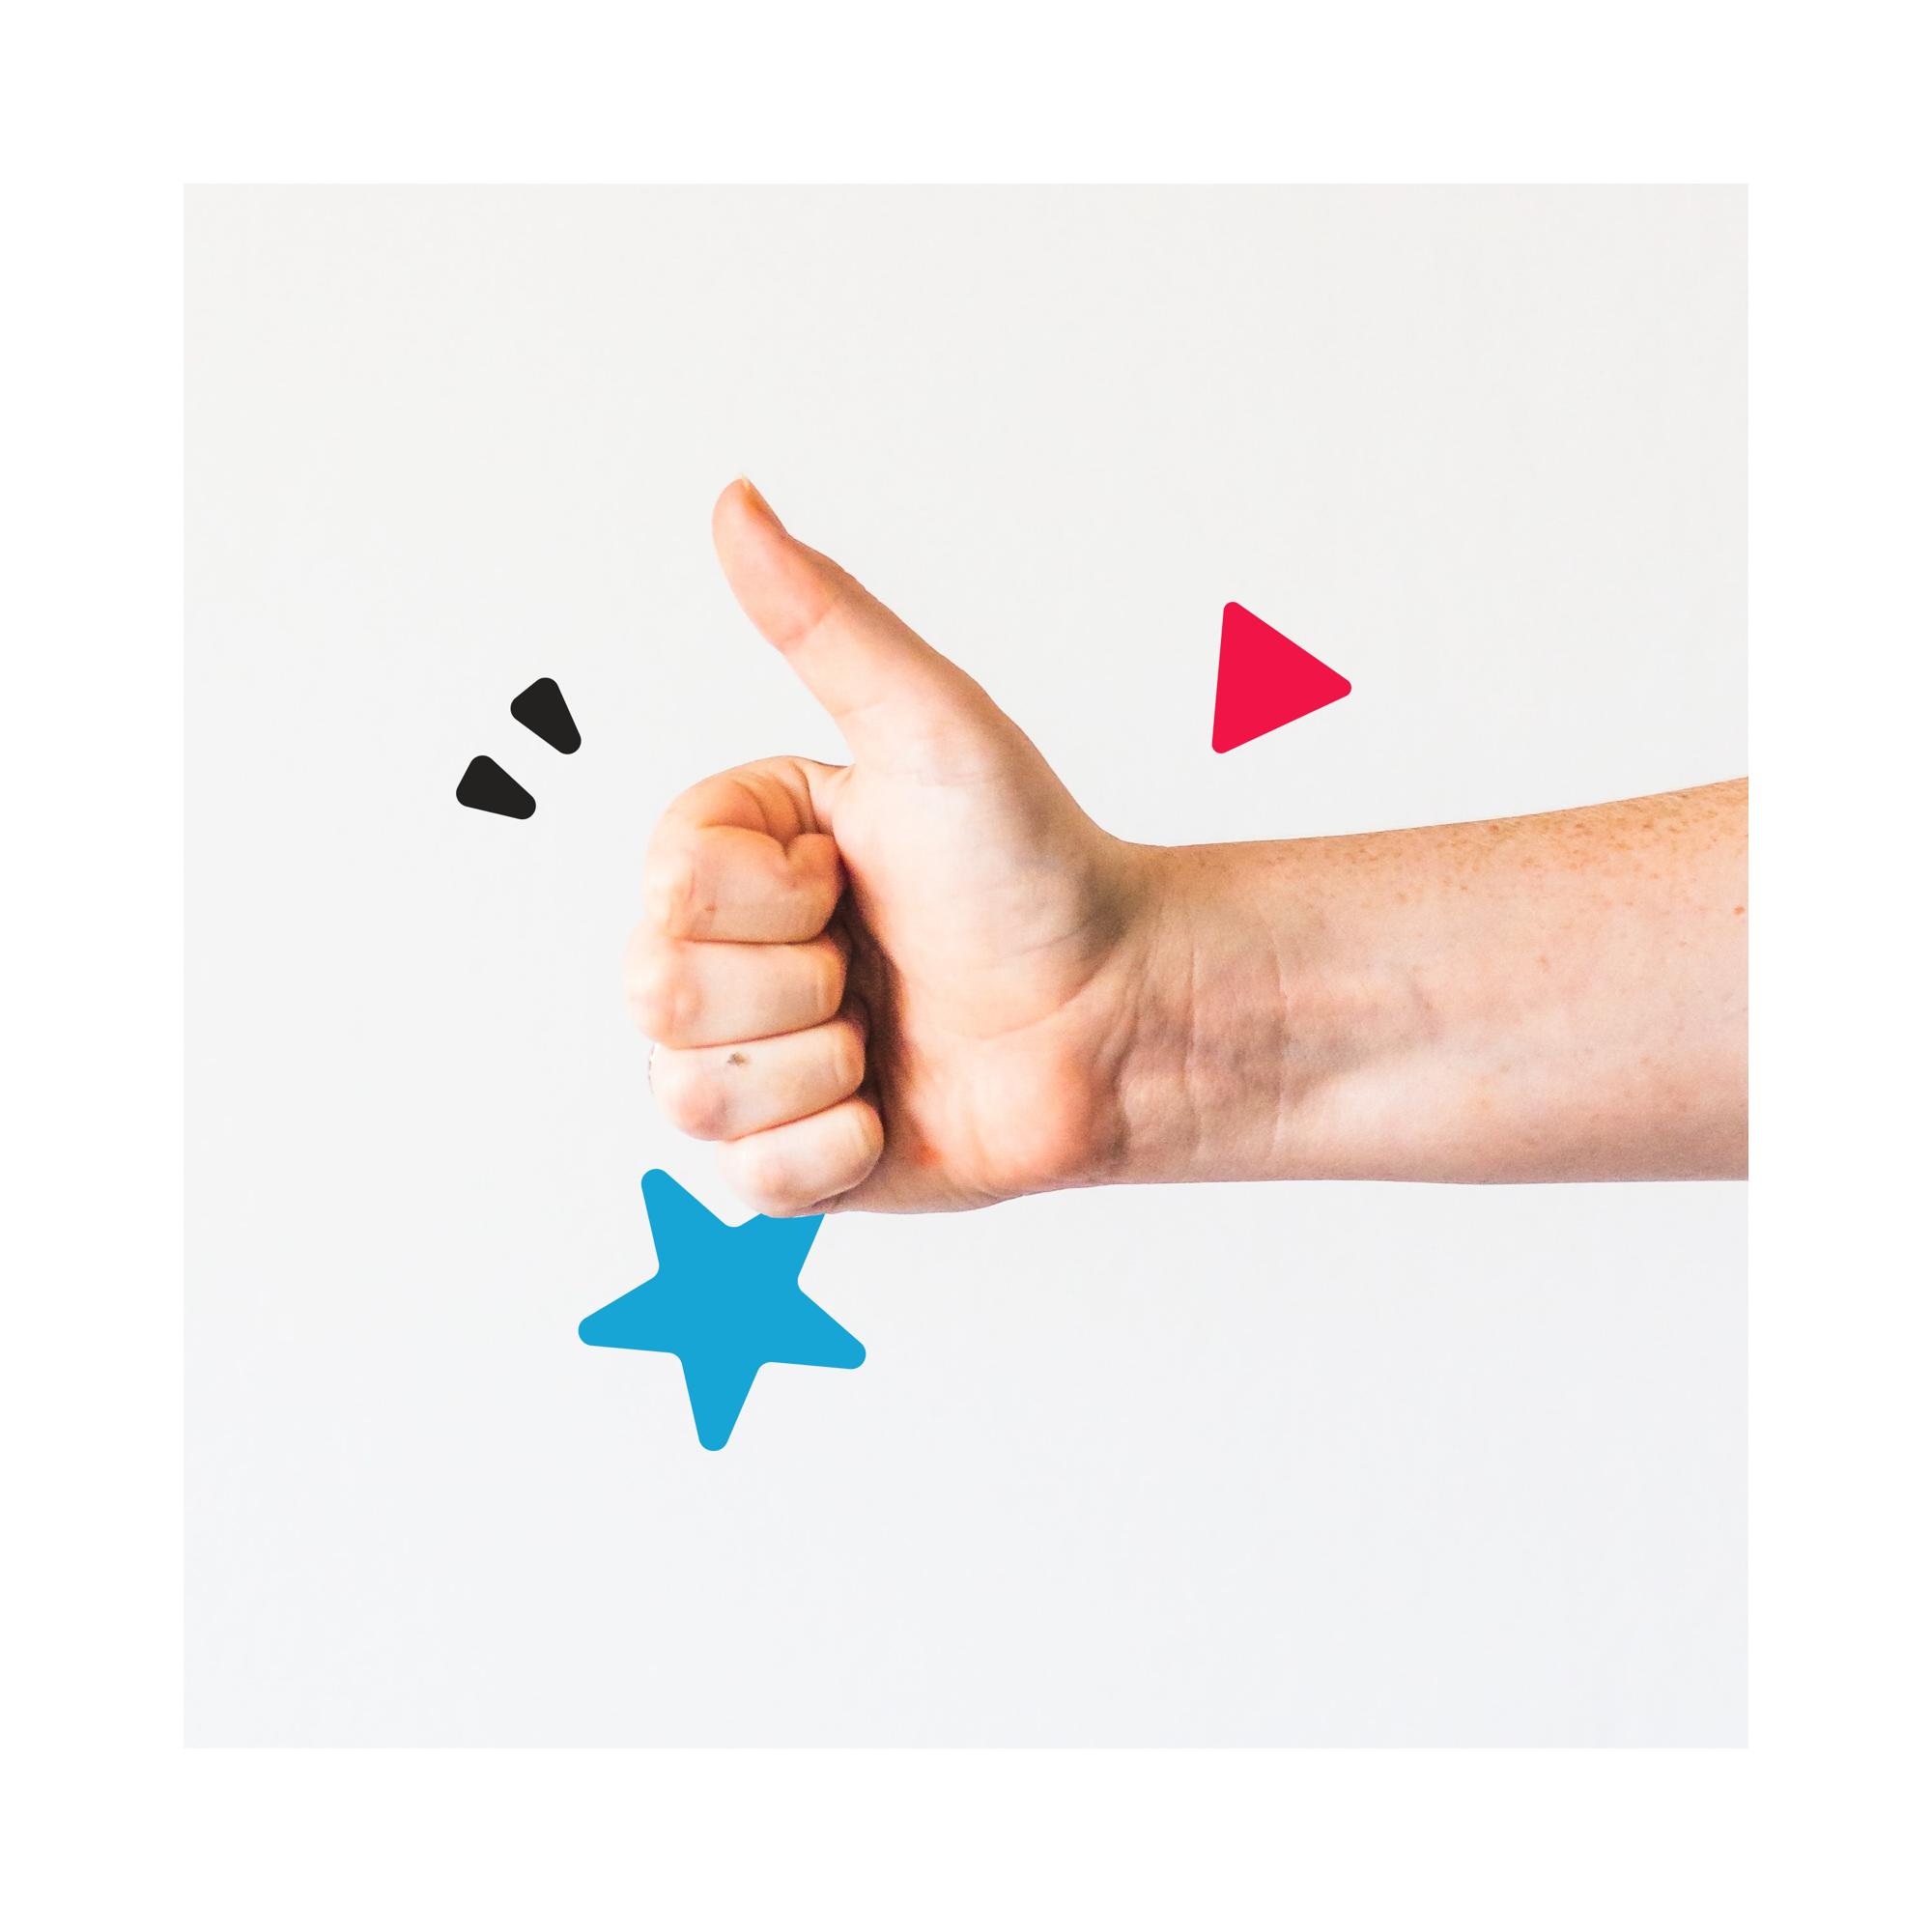 Image de main avec le pouce levé